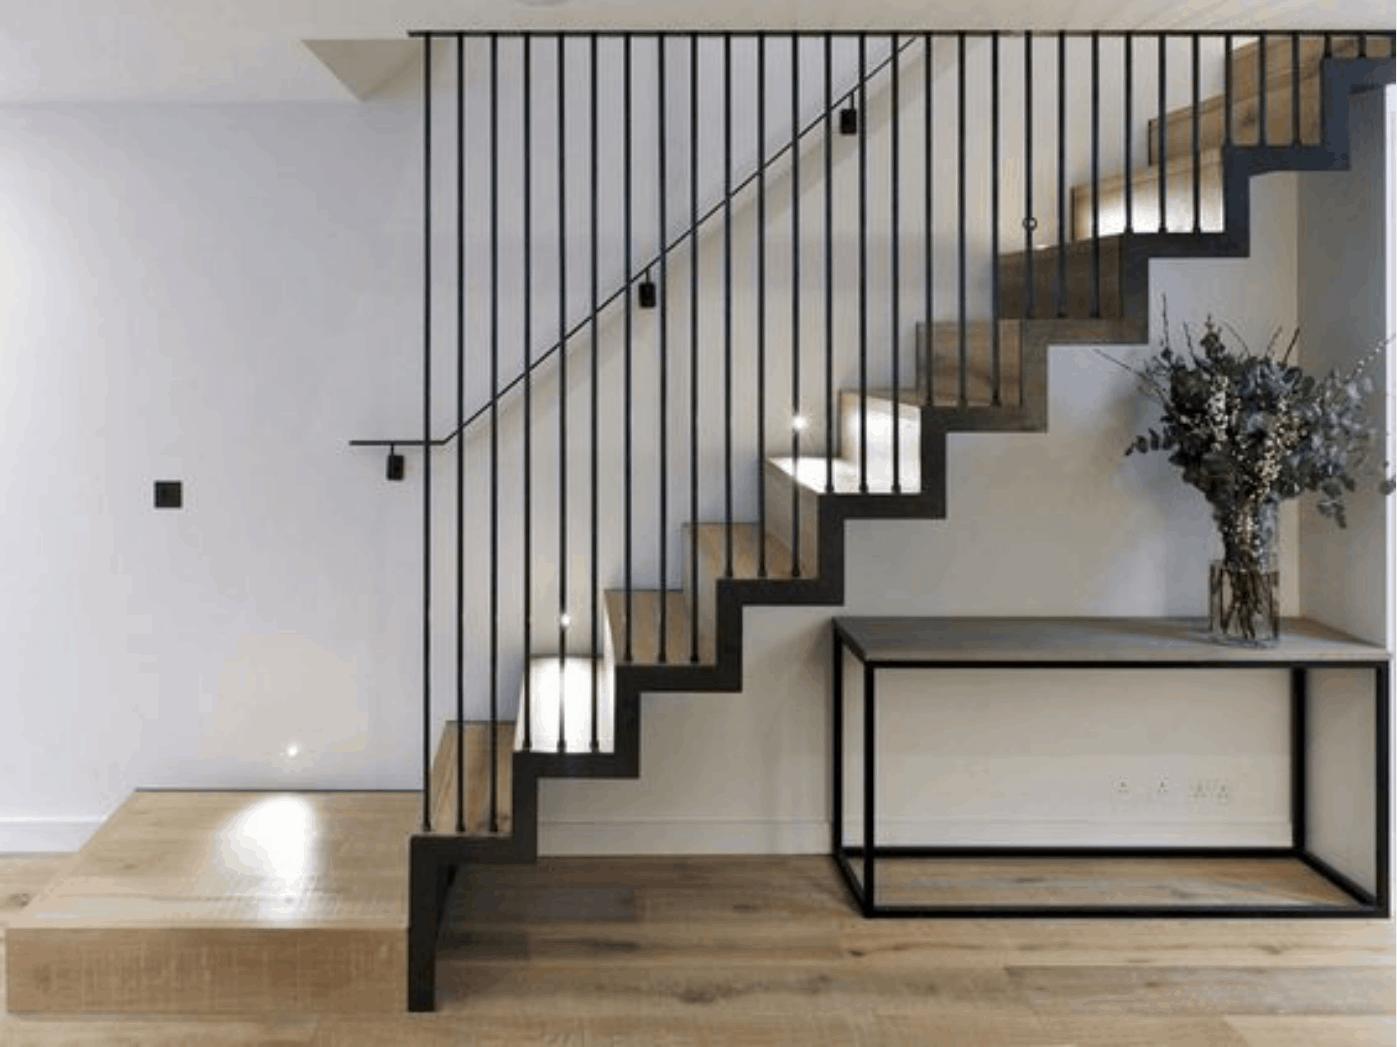 Svietidlá na schodoch aby ste trafili do spálne